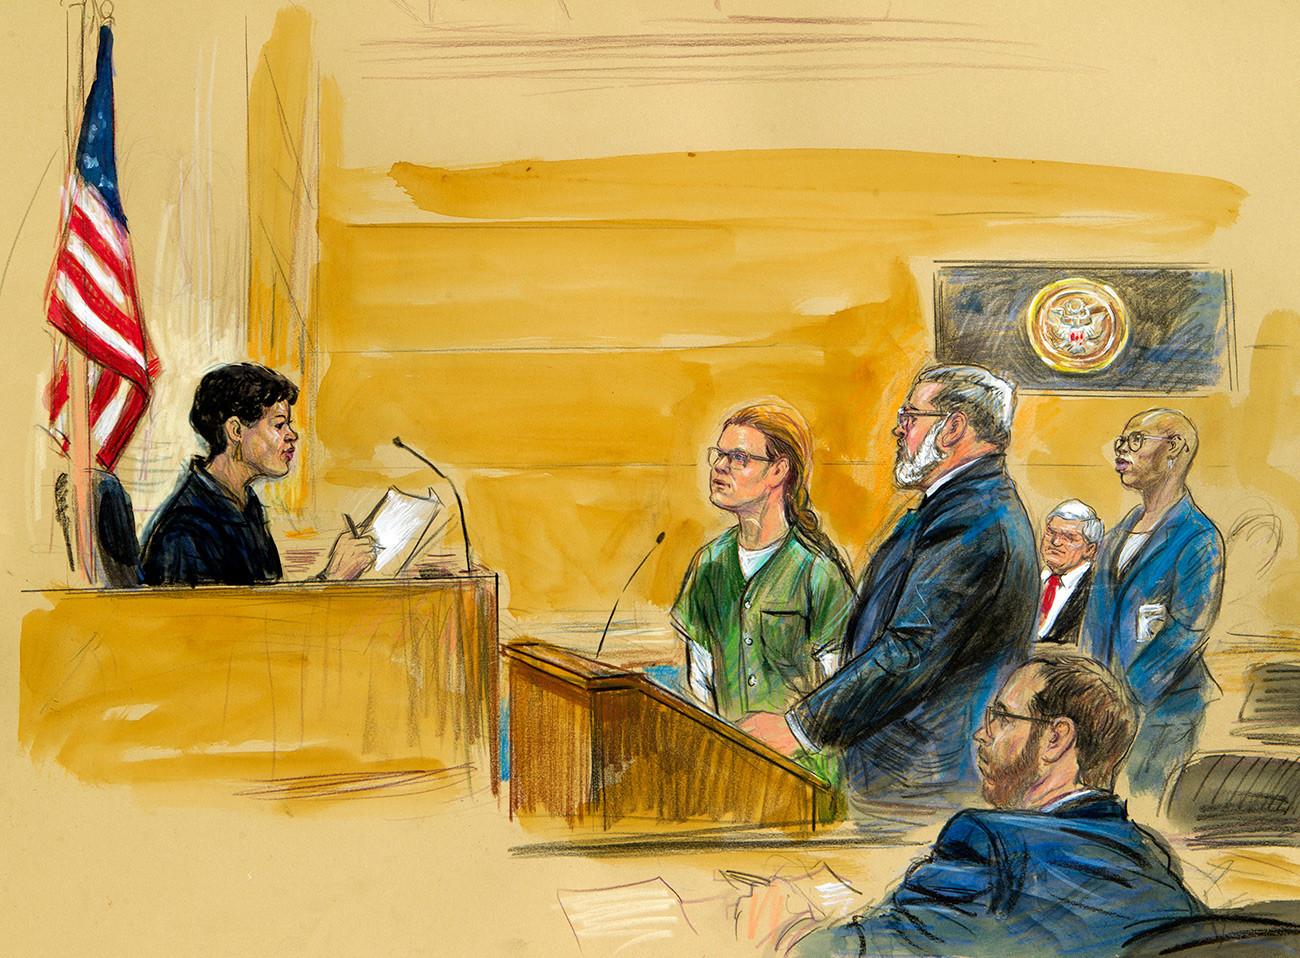 На скици суђења приказана је Марија Бутина са својим адвокатом Робертом Дрисколом пред окружним судијом у четвртак 13. децембра 2018.